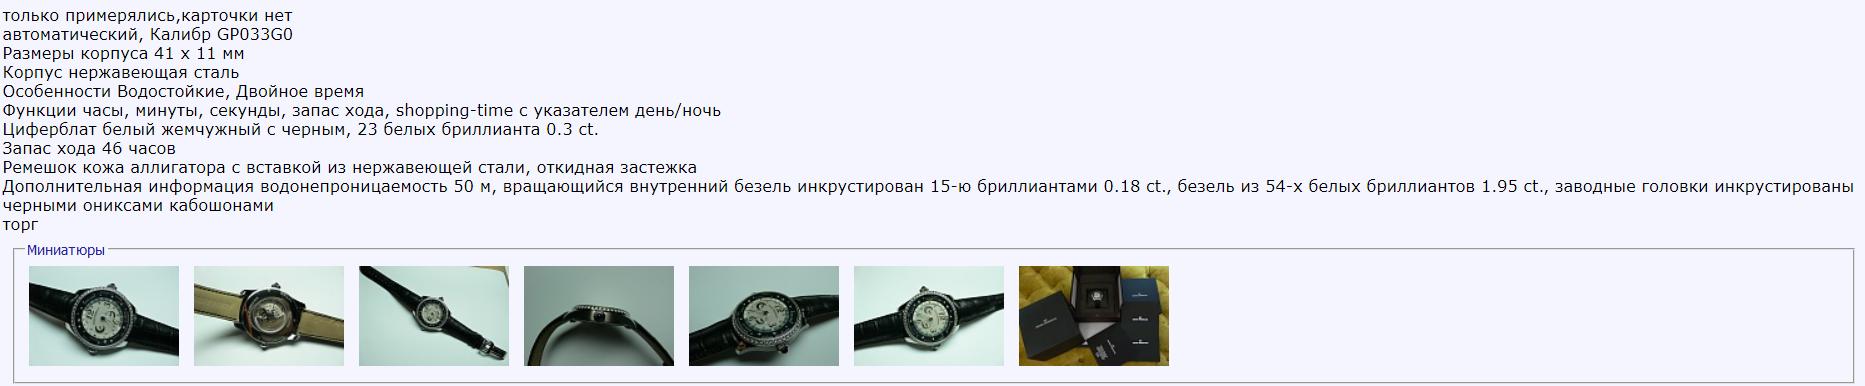 Часы где дорогой можно продать скелетон стоимость часы